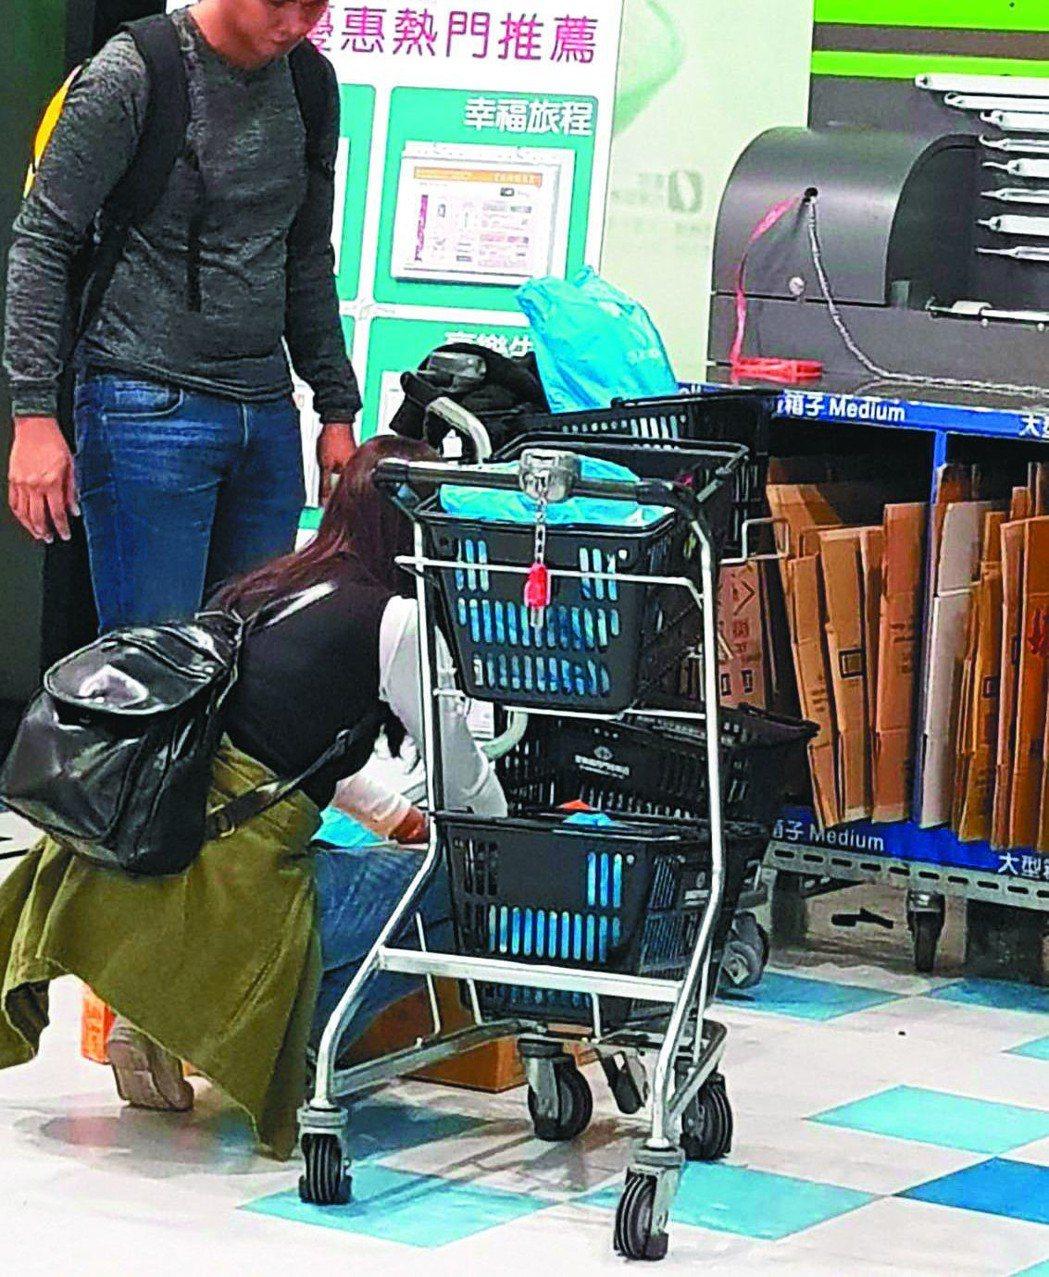 消費者去大賣場購物,建議可多利用紙箱。 圖╱聯合報系資料照片